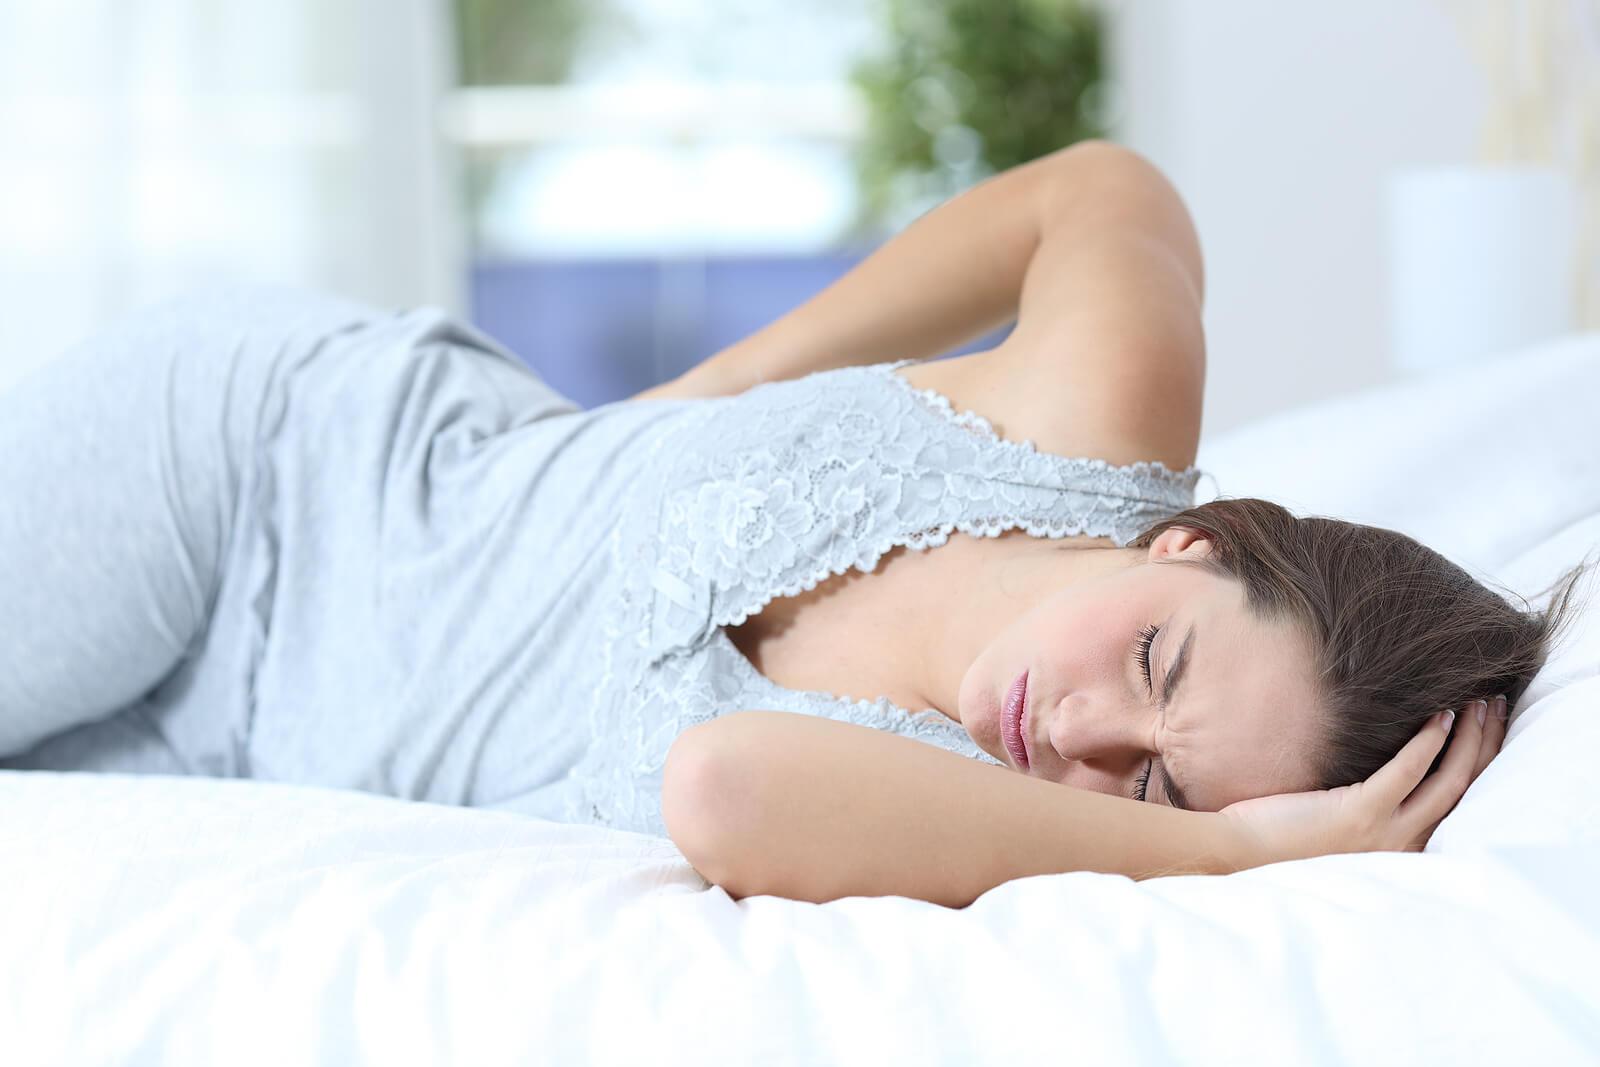 ¿Sufres un frecuente dolor muscular y fatiga? Podría ser fibromialgia